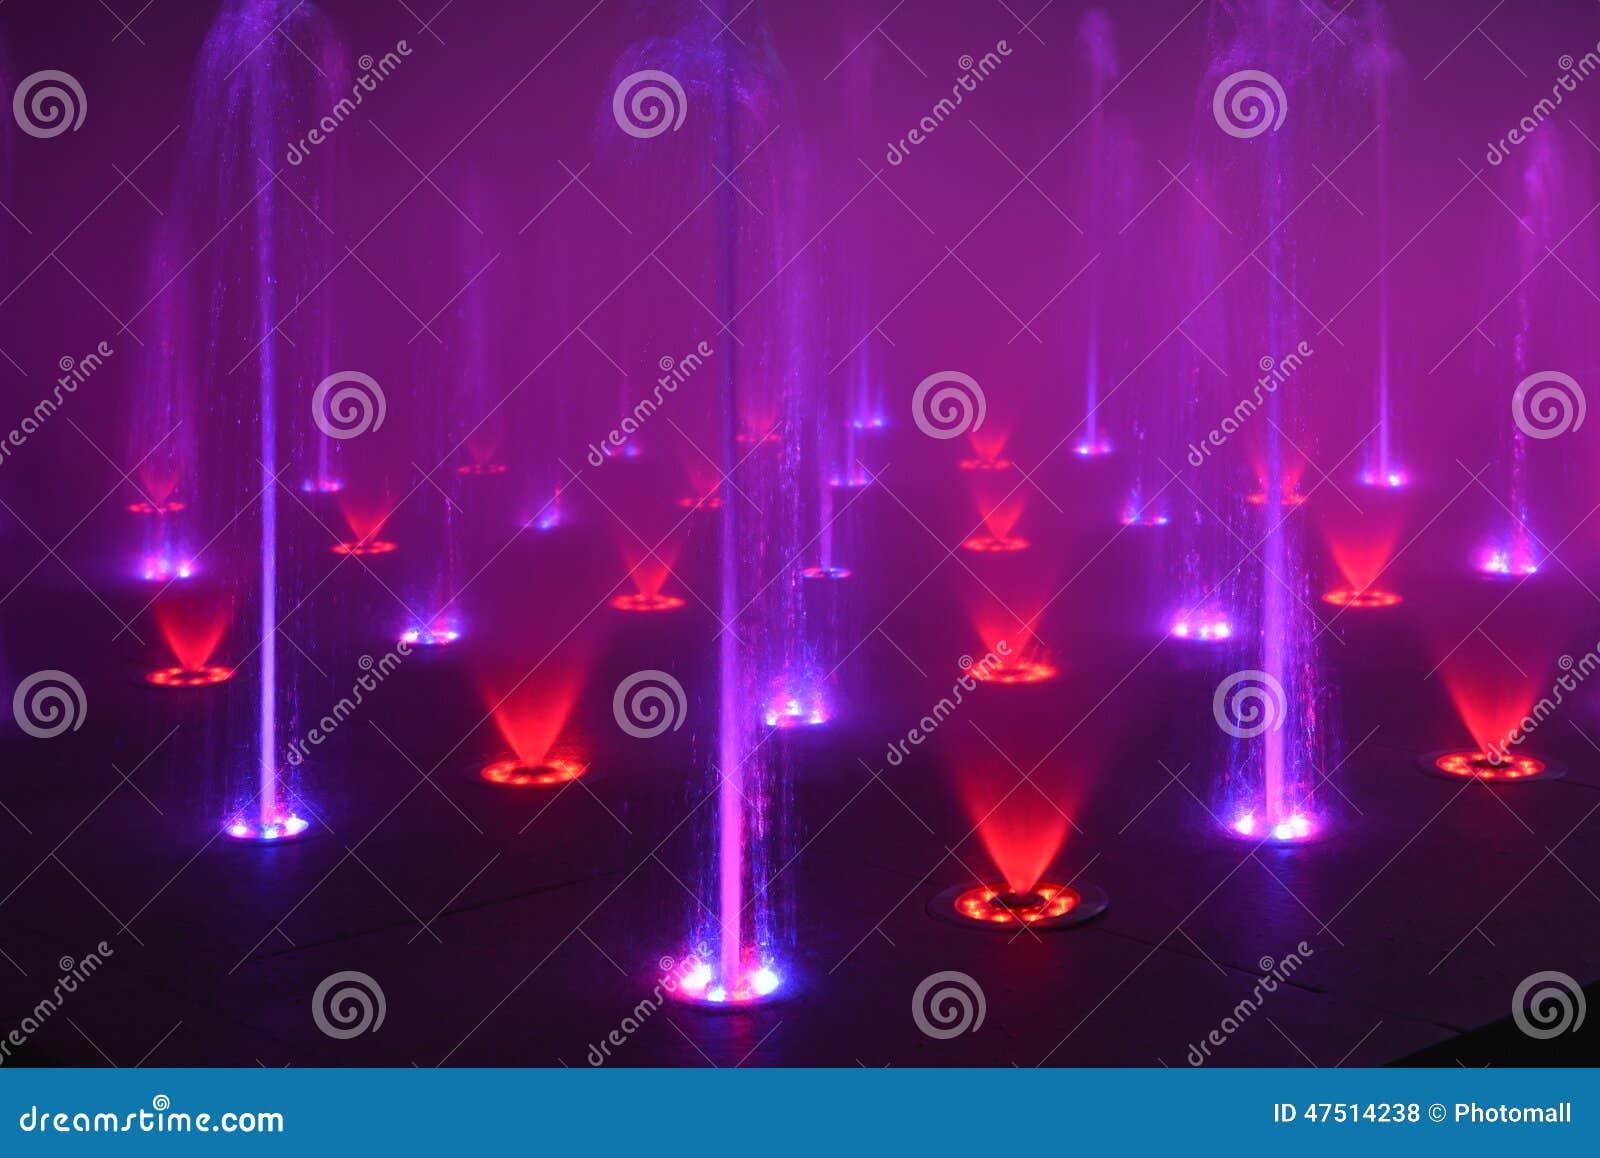 Фонтан мюзикл задвижки музыки фонтана петь фонтана музыки